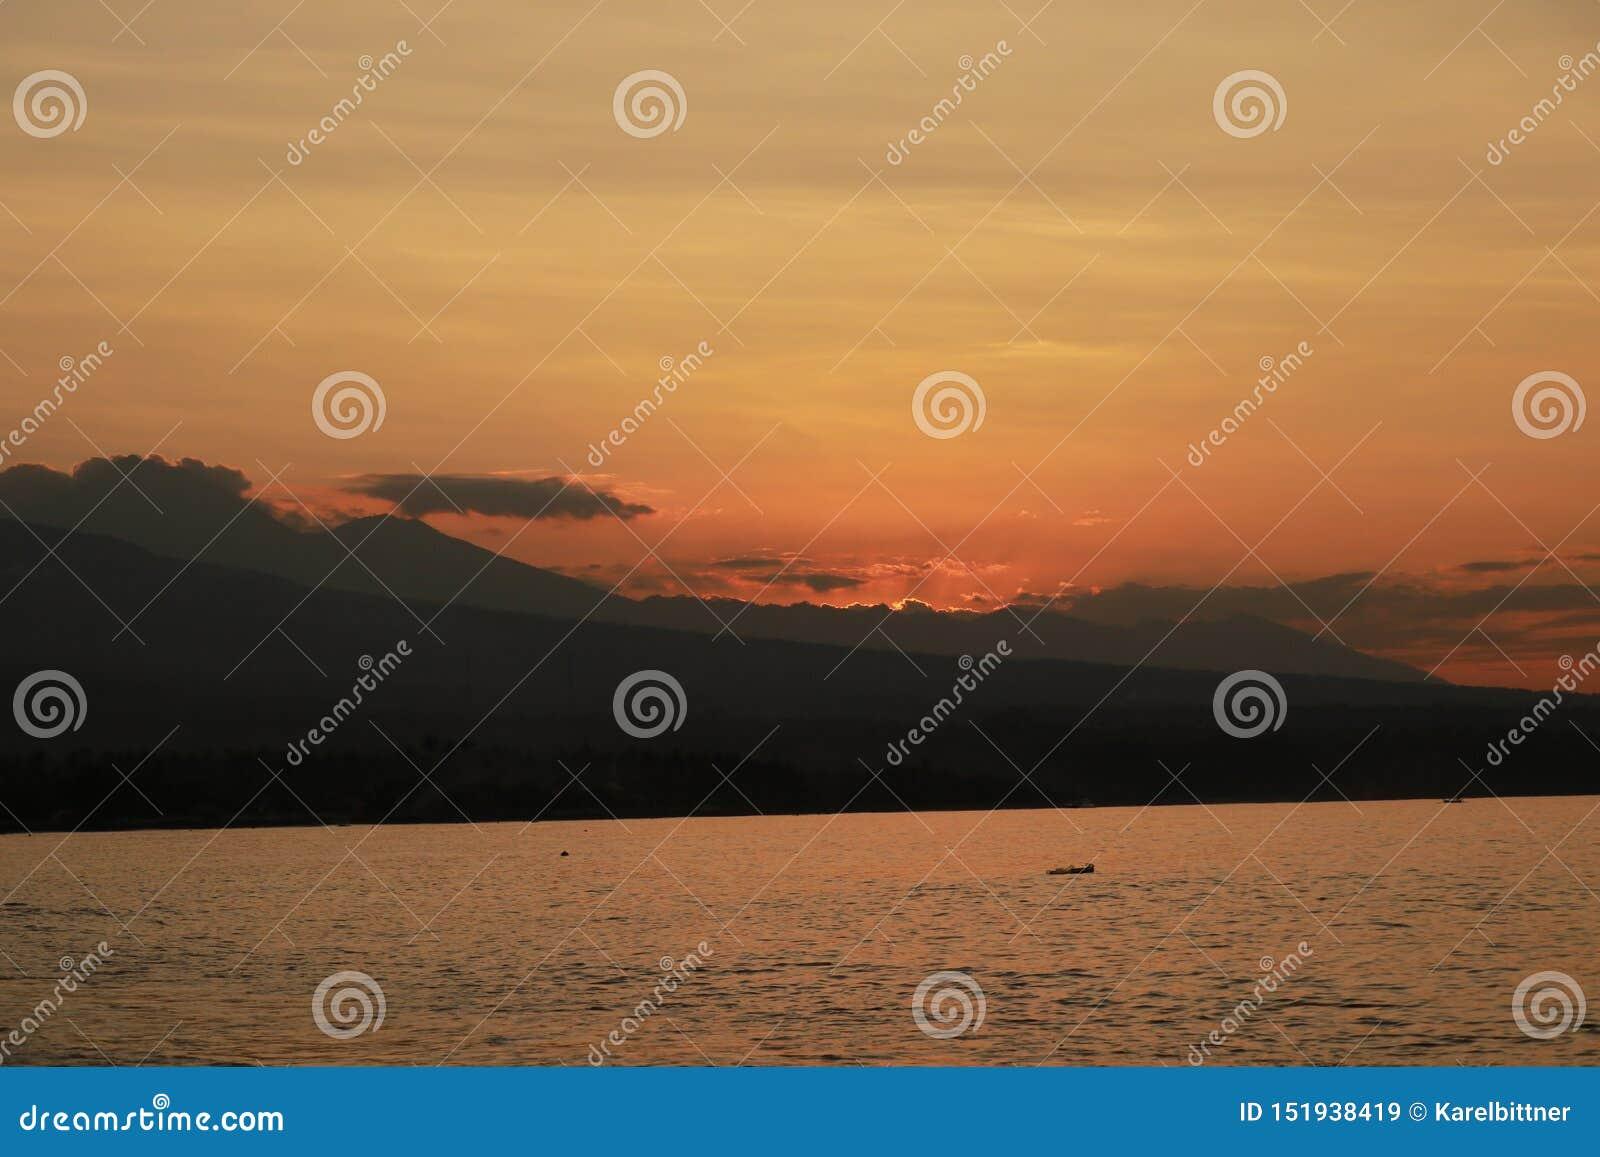 Ρομαντικό ηλιοβασίλεμα στην παραλία στην Ινδονησία Το Surfer πηγαίνει να απολαύσει paddleboard στο ηλιοβασίλεμα Πανόραμα ακτών με